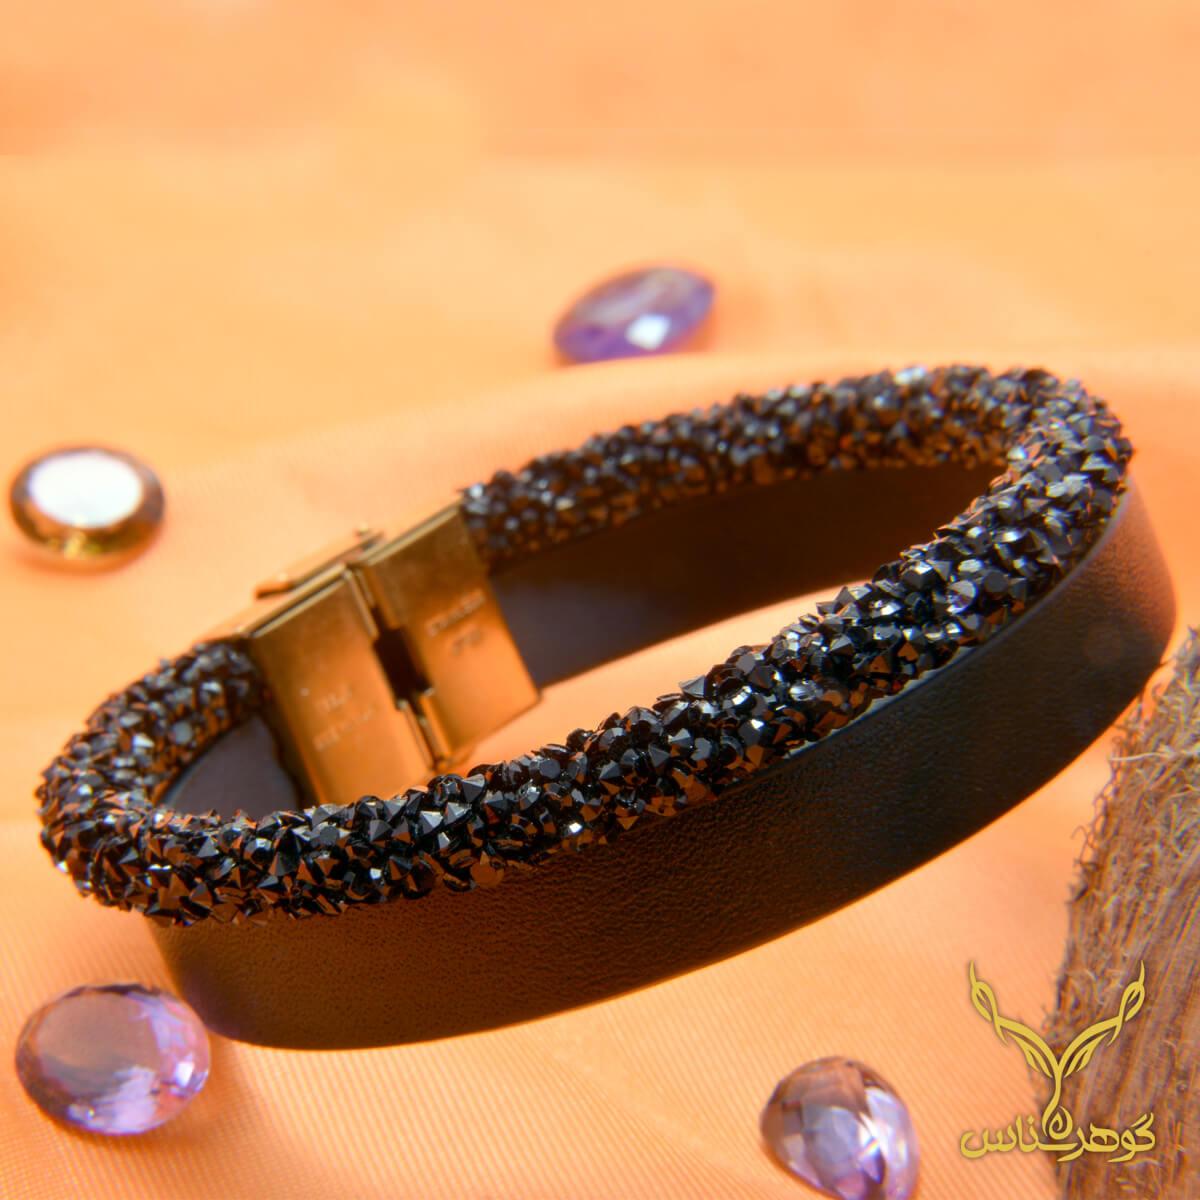 دستبند چرمی کدRD006 دستبند چرم همراه با سنگ یکی از بهترین گزینه ها برای آقایان است.فروشگاه آنلاین گوهرشناس مرکز معتبر خرید جواهرات